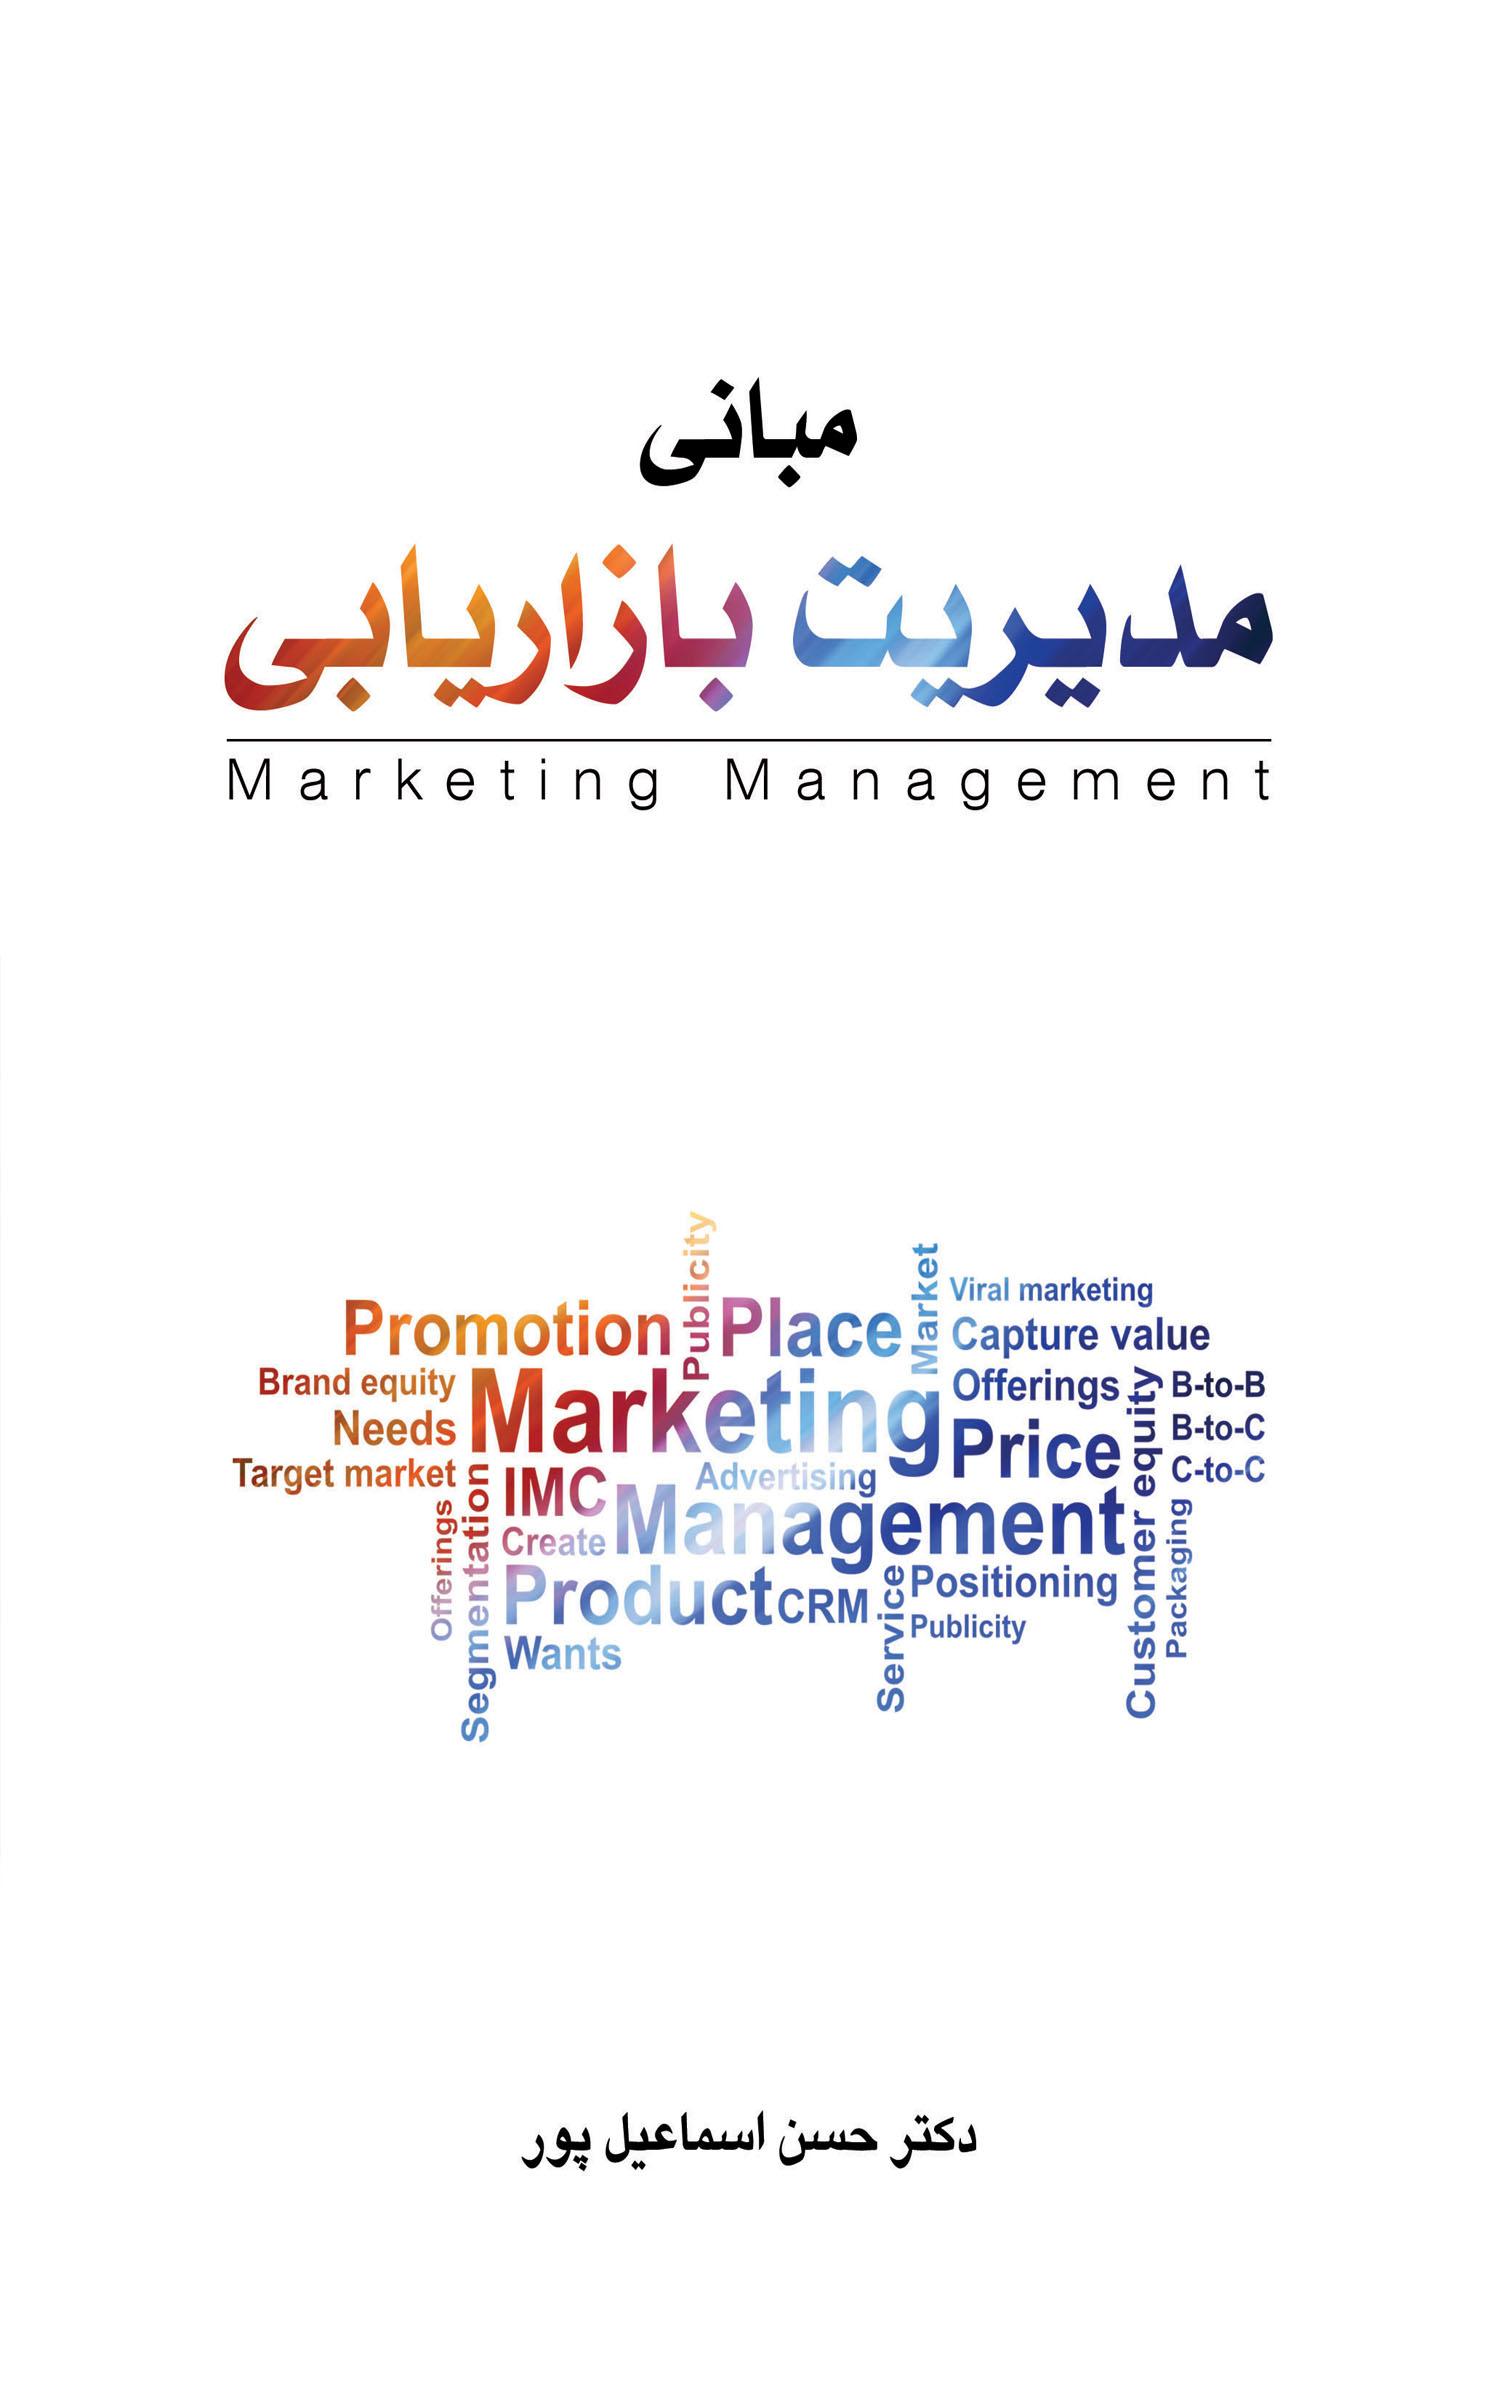 مبانی مدیریت بازاریابی